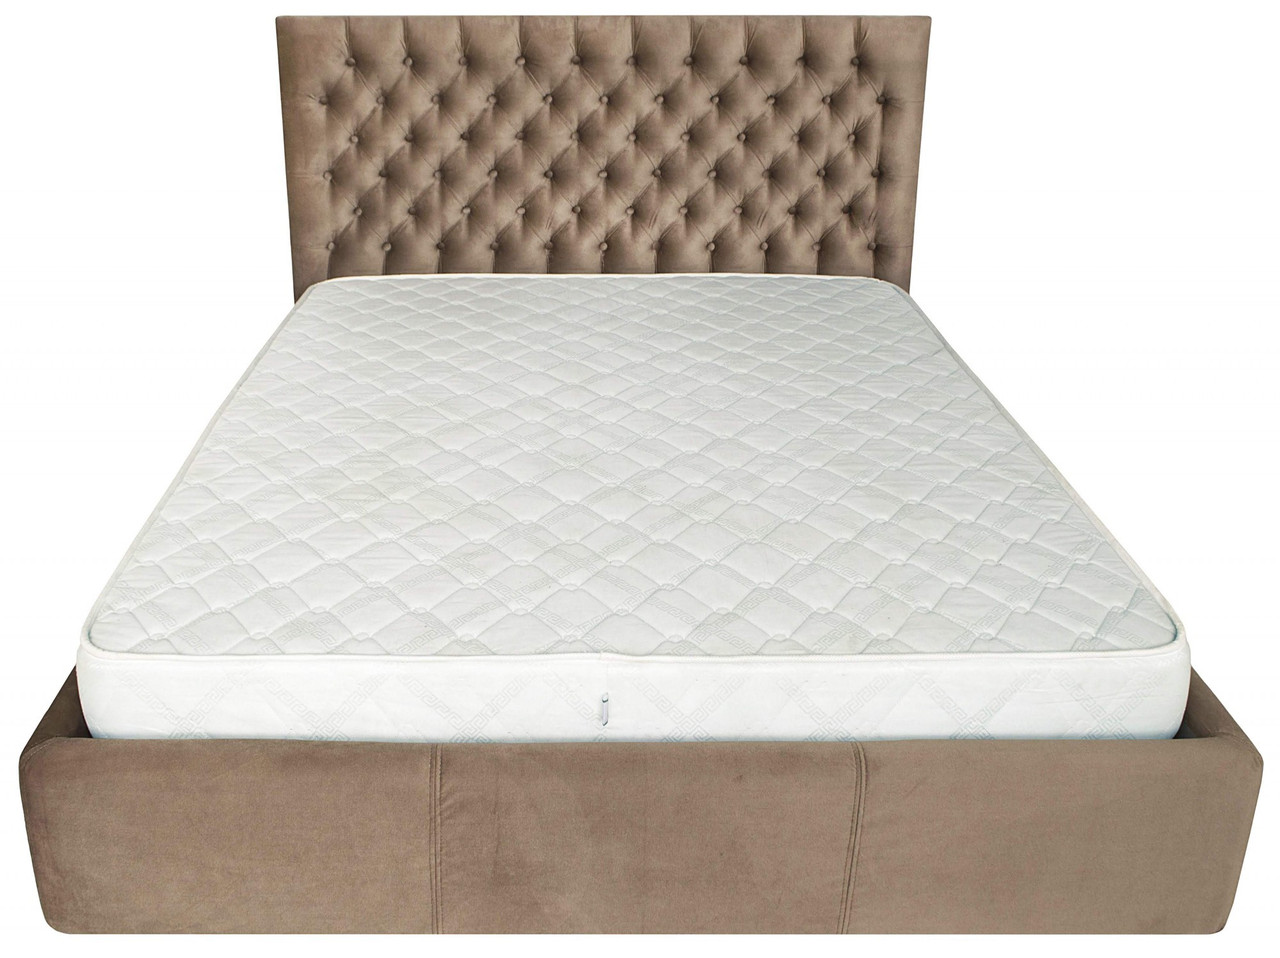 Кровать Двуспальная Cambridge VIP 160 х 190 см Missoni 04 С дополнительной металлической цельносварной рамой